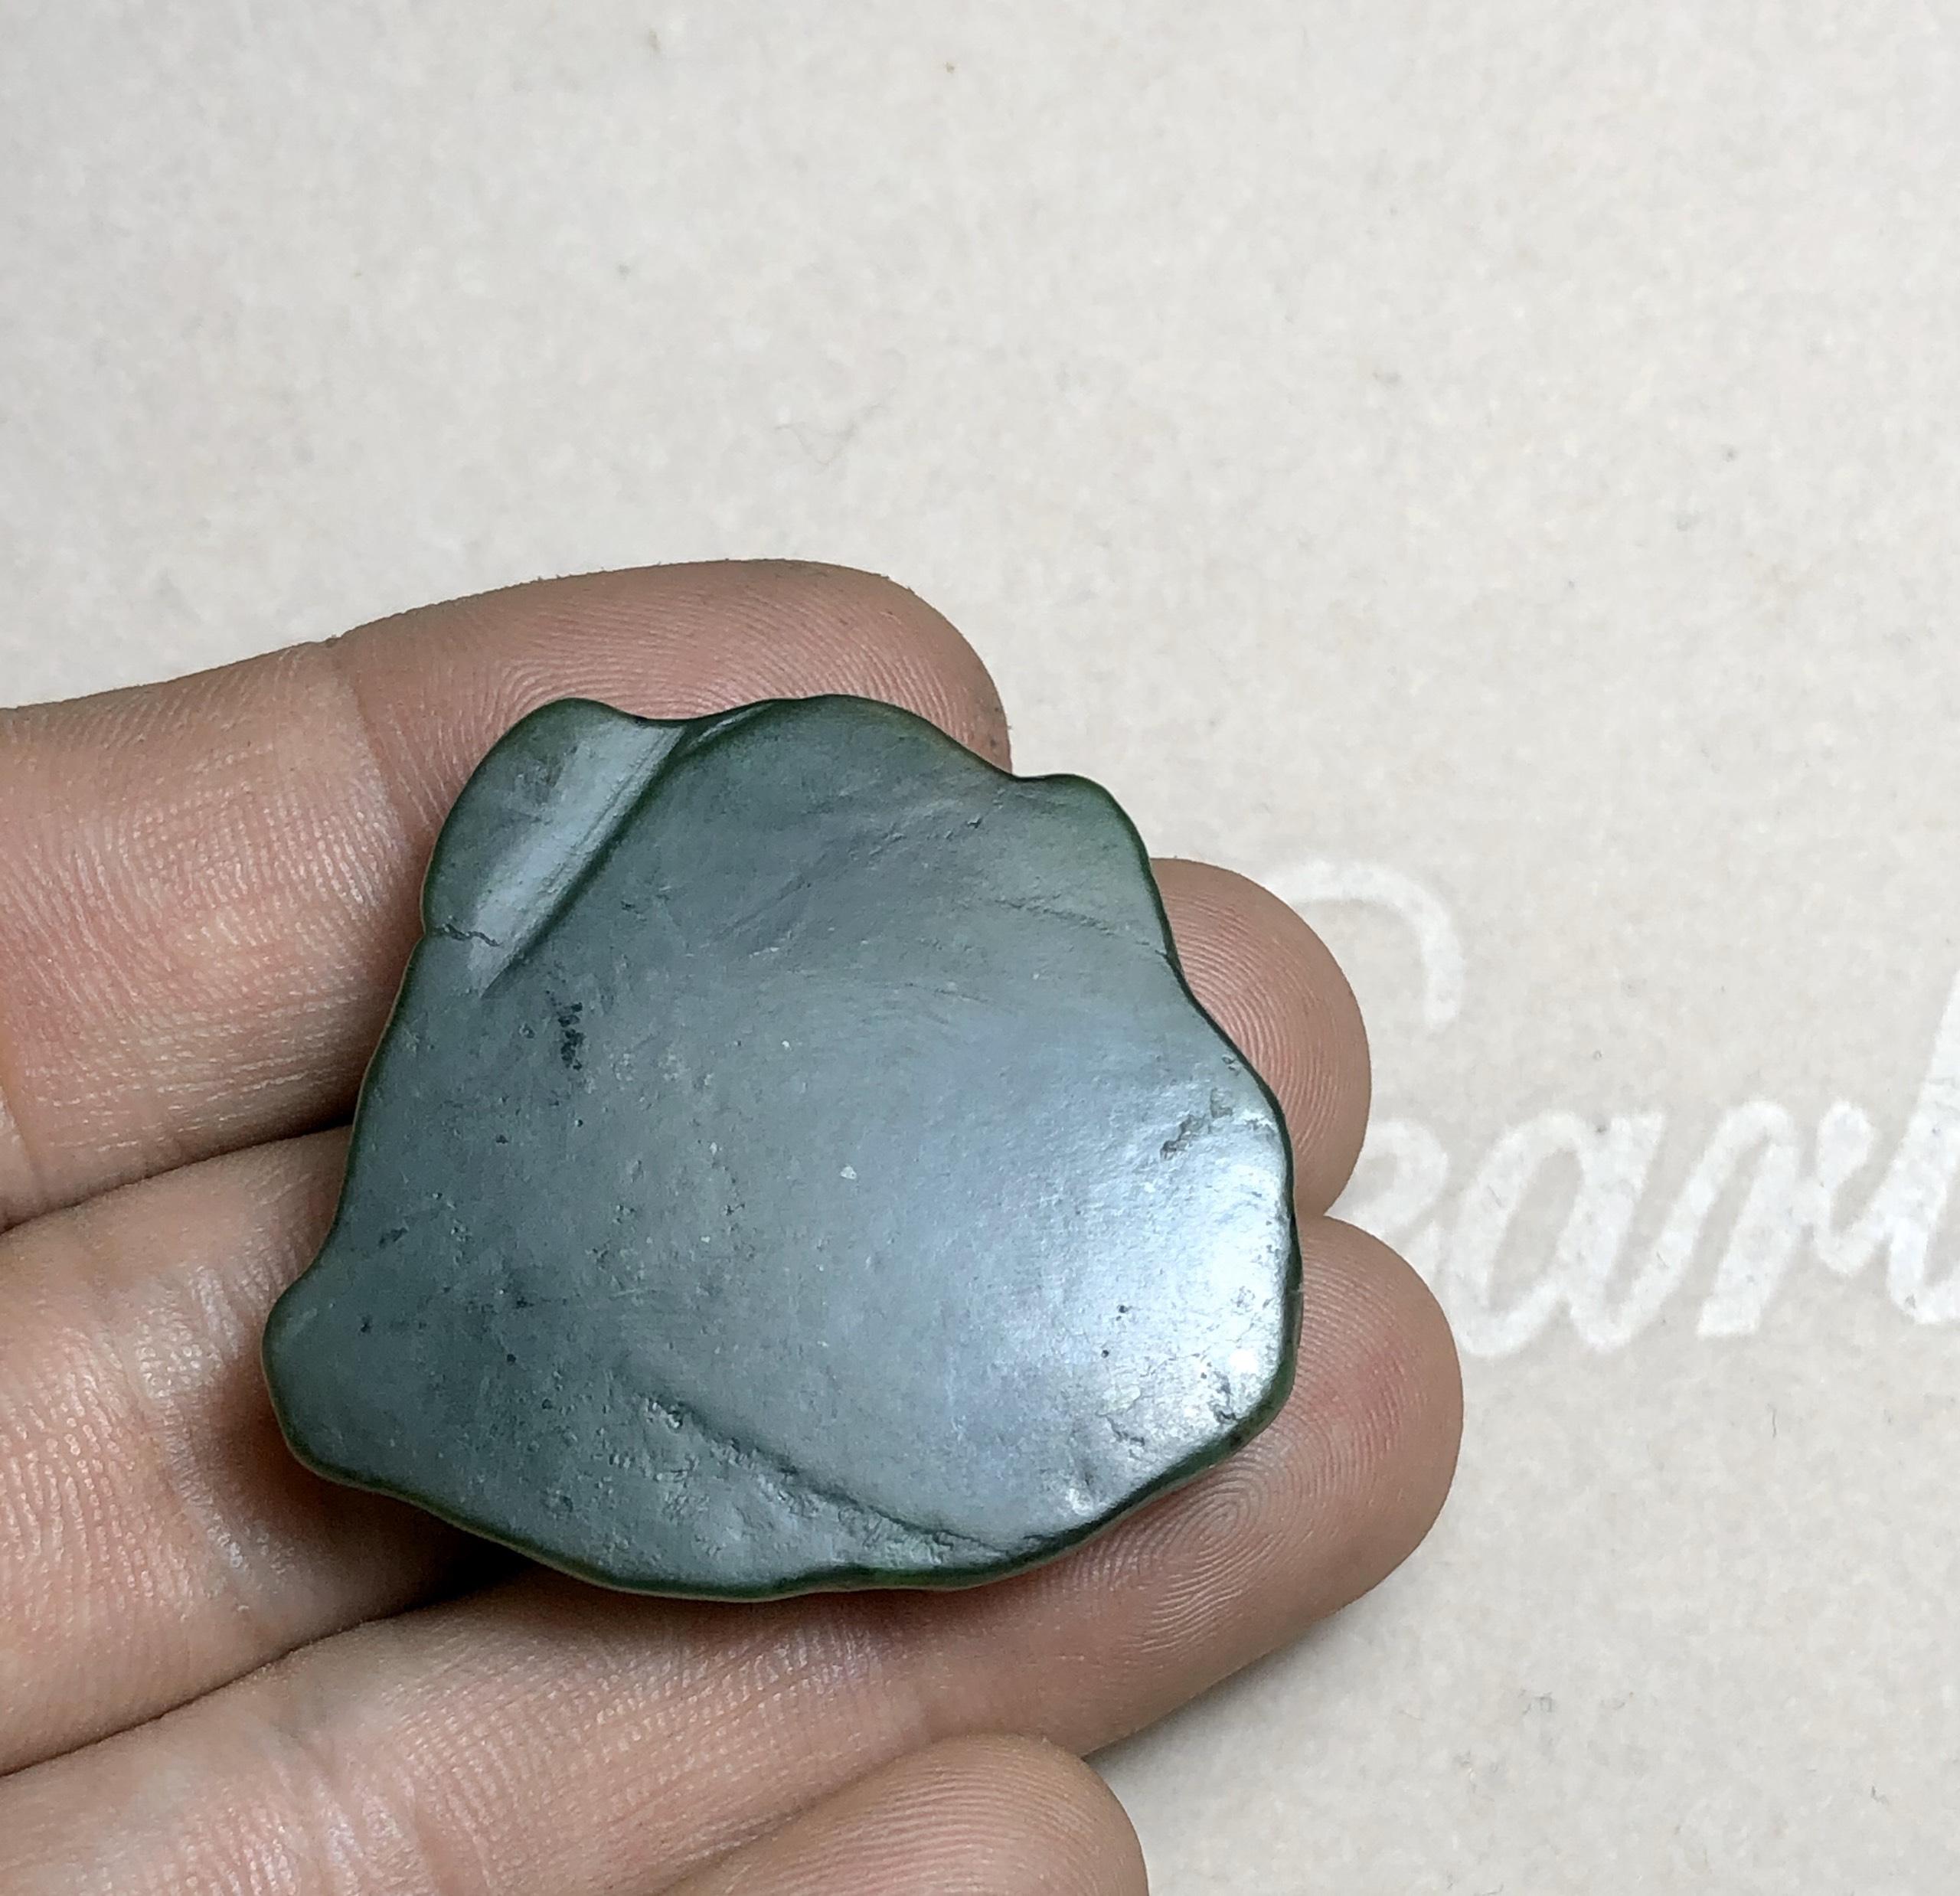 Mặt Di Lặc Ngọc Bích (Nephrite) tự nhiên